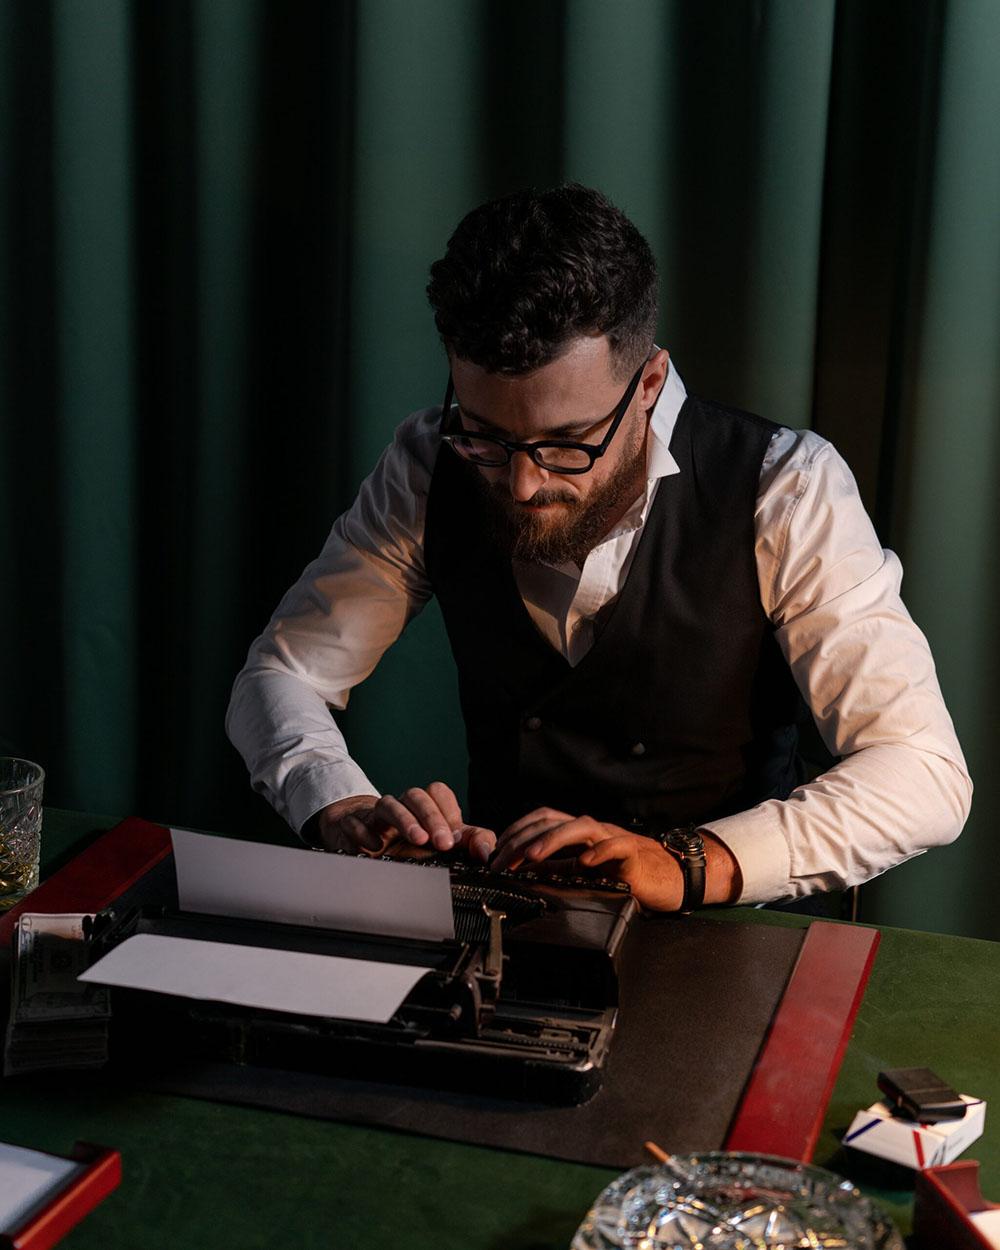 Abbiamo scelto questa foto per rappresentare l'aspetto relativo alla scrittura di testi nella Realizzazione siti web in quanto rappresenta perfettamente la creatività necessaria alla scrittura di un testo adeguato. Il soggetto della foto è un umo con una camicia bianca e ed un panciotto nero impegnato a scrivere con una vecchia macchina da scrivere.